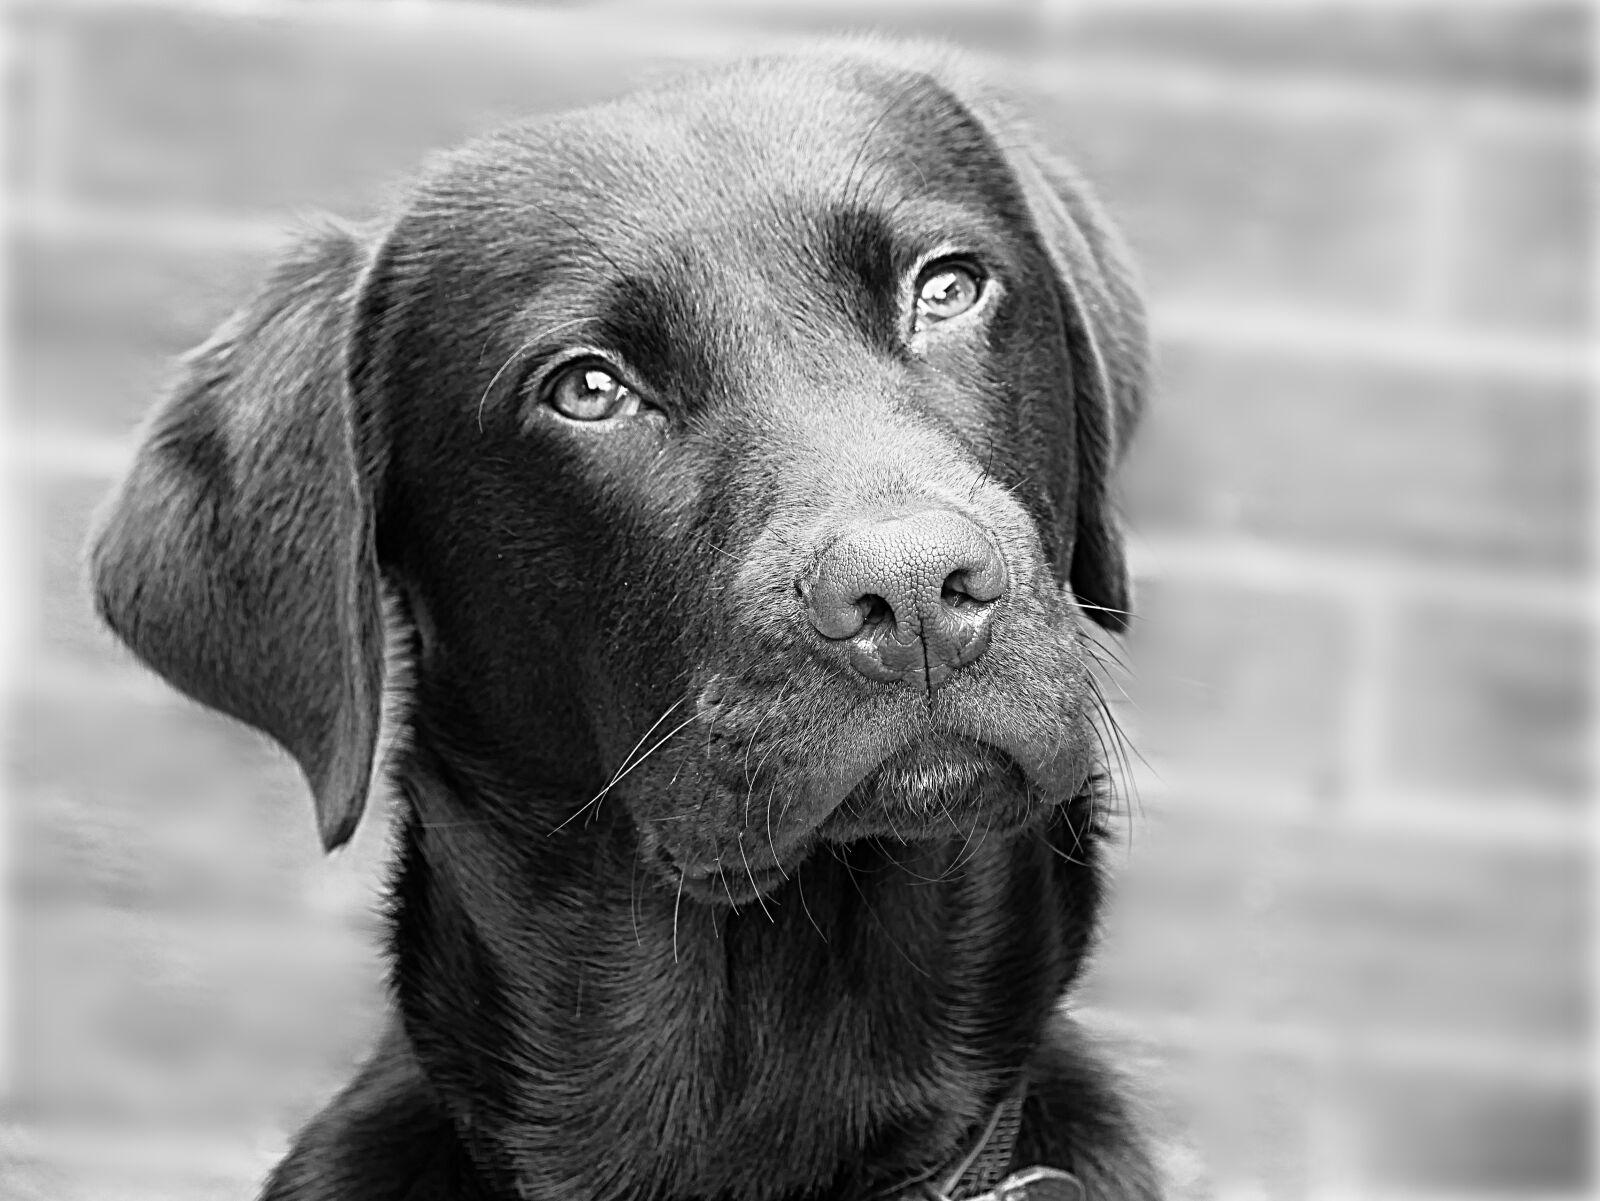 labrador, dog, retriever